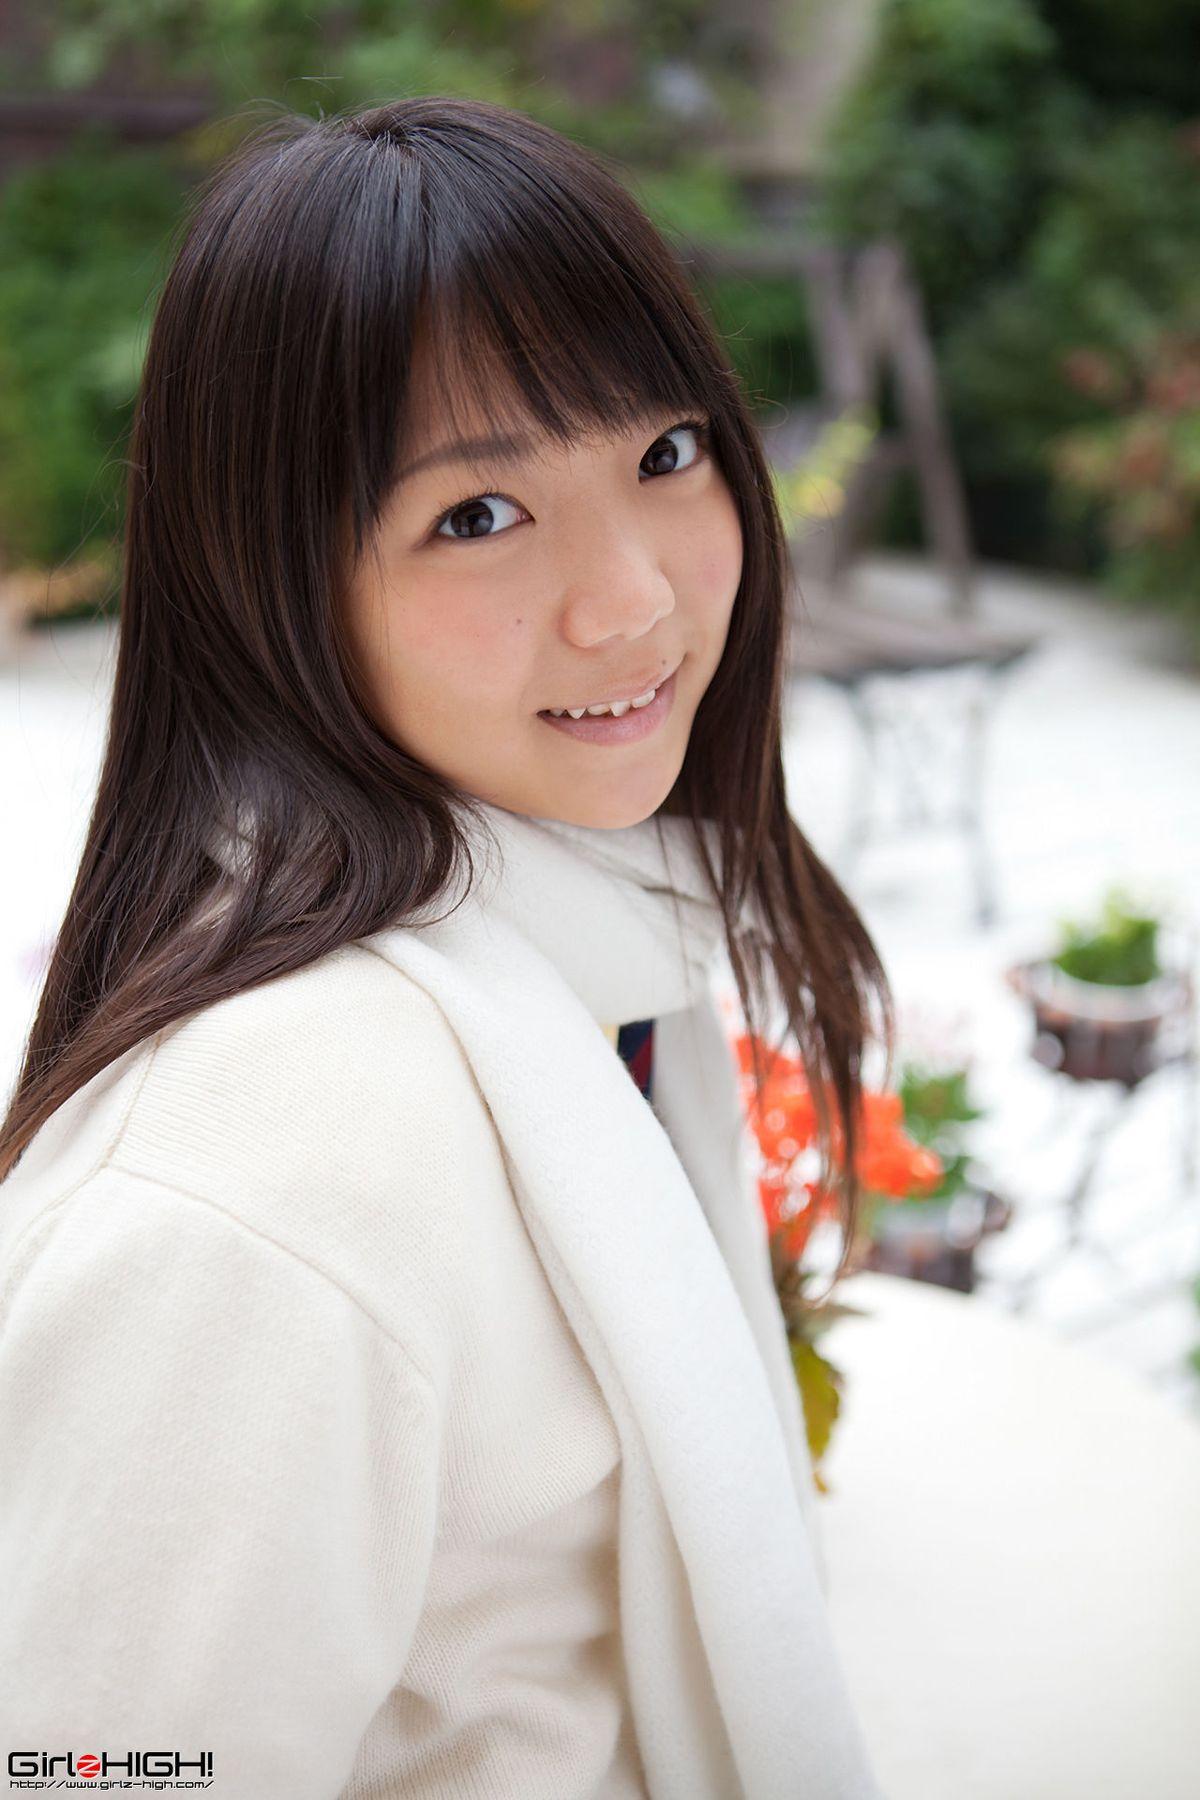 西浜ふうか Fuuka Nishihama 第十三部 [Minisuka.tv] Limited Gallery